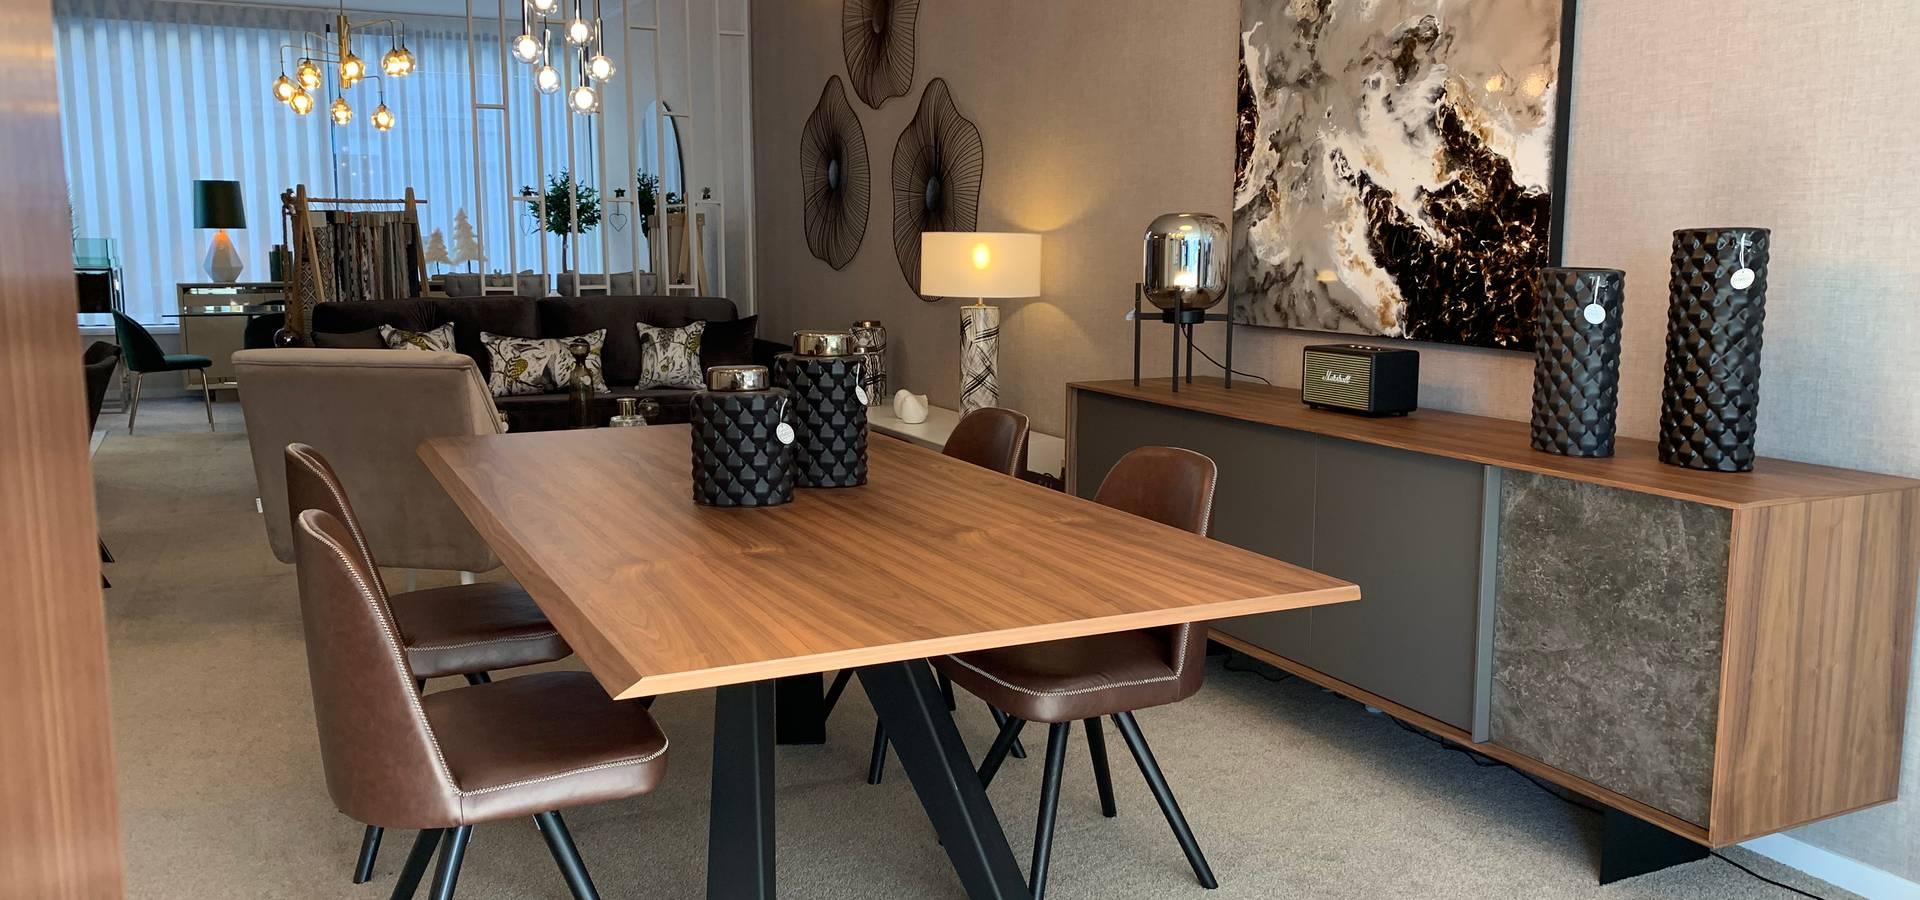 Espaços Meus Interior Design